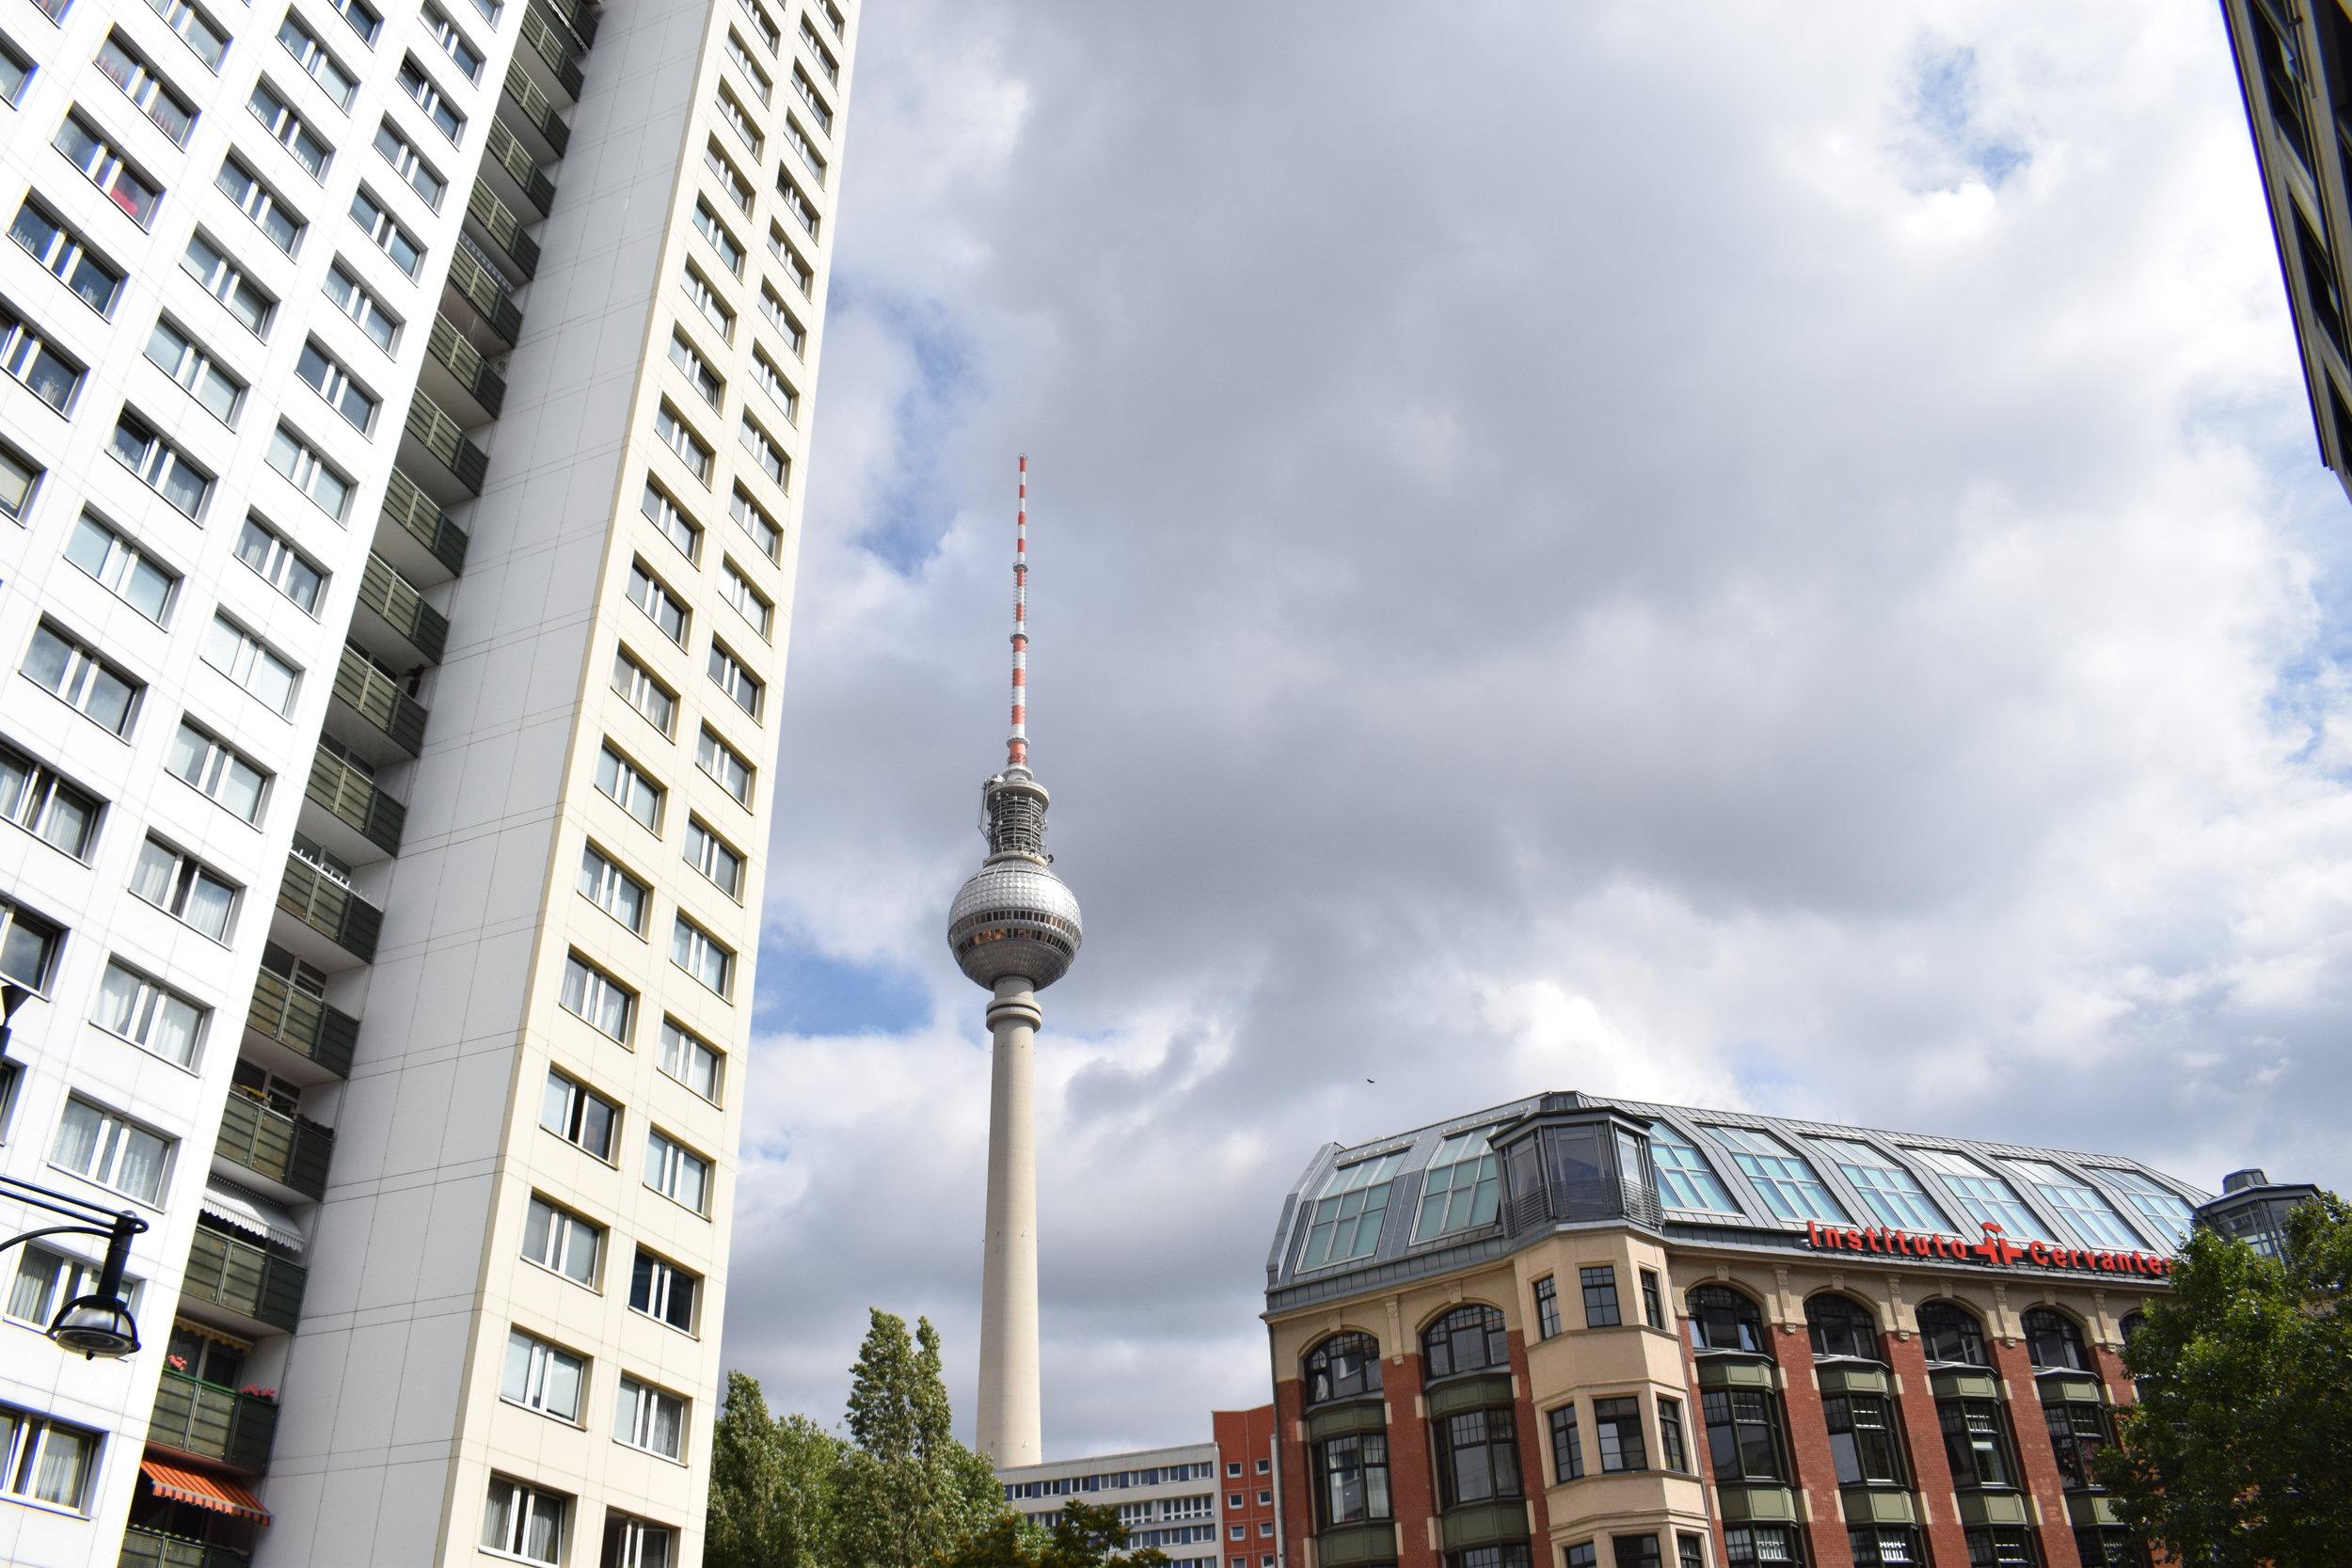 BerlinTVTower.jpg